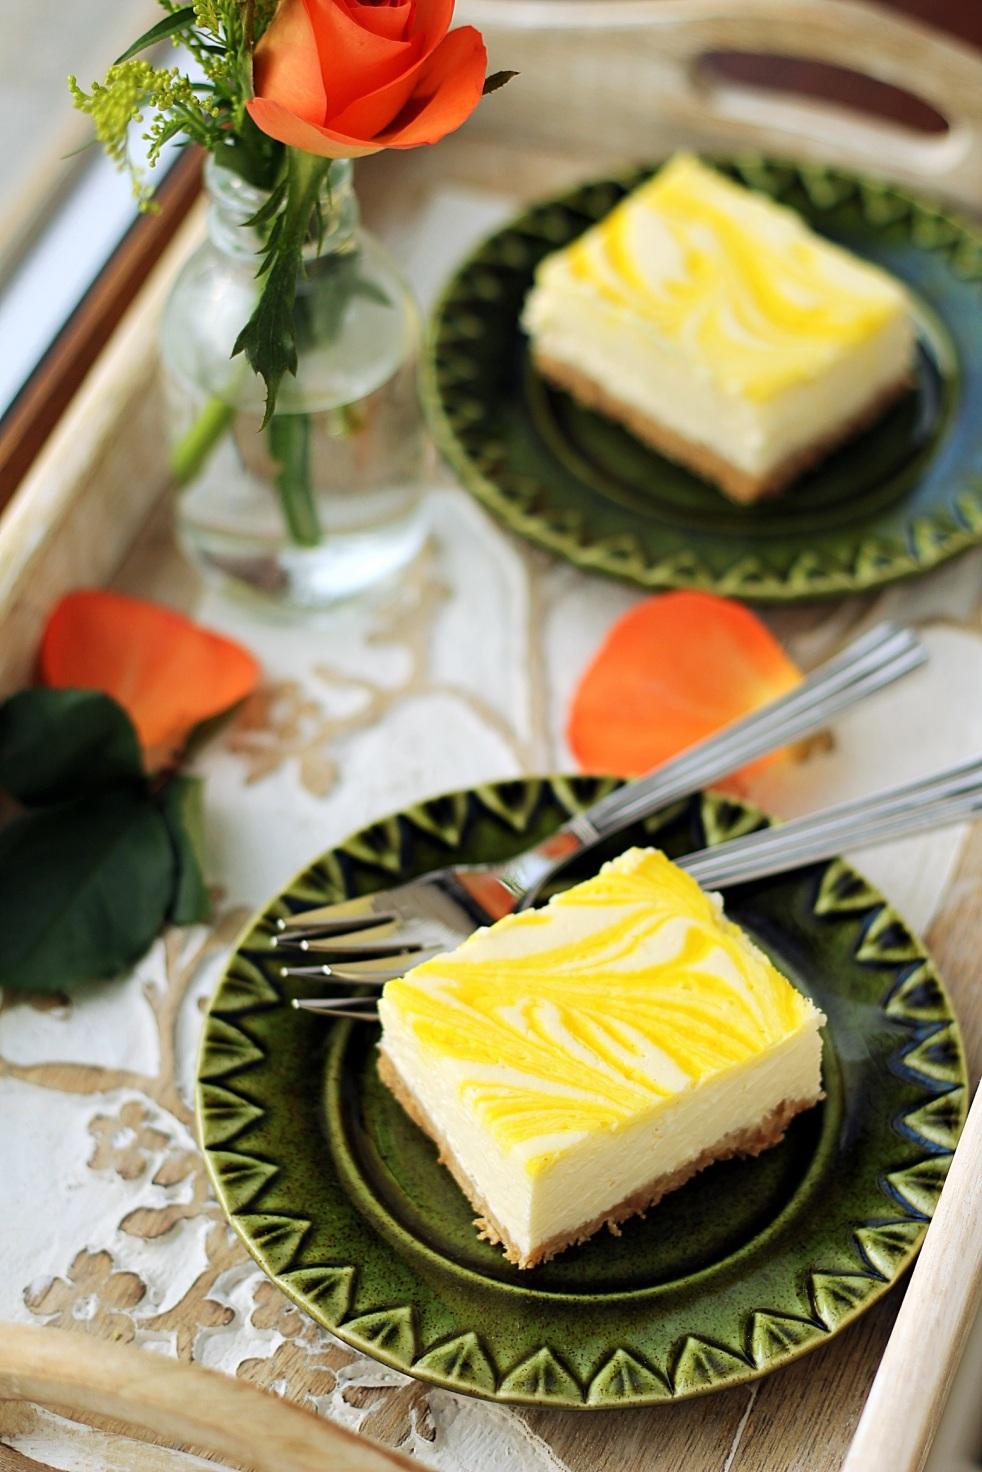 kostka sernikowa z lemon curd sernik cytrynowy